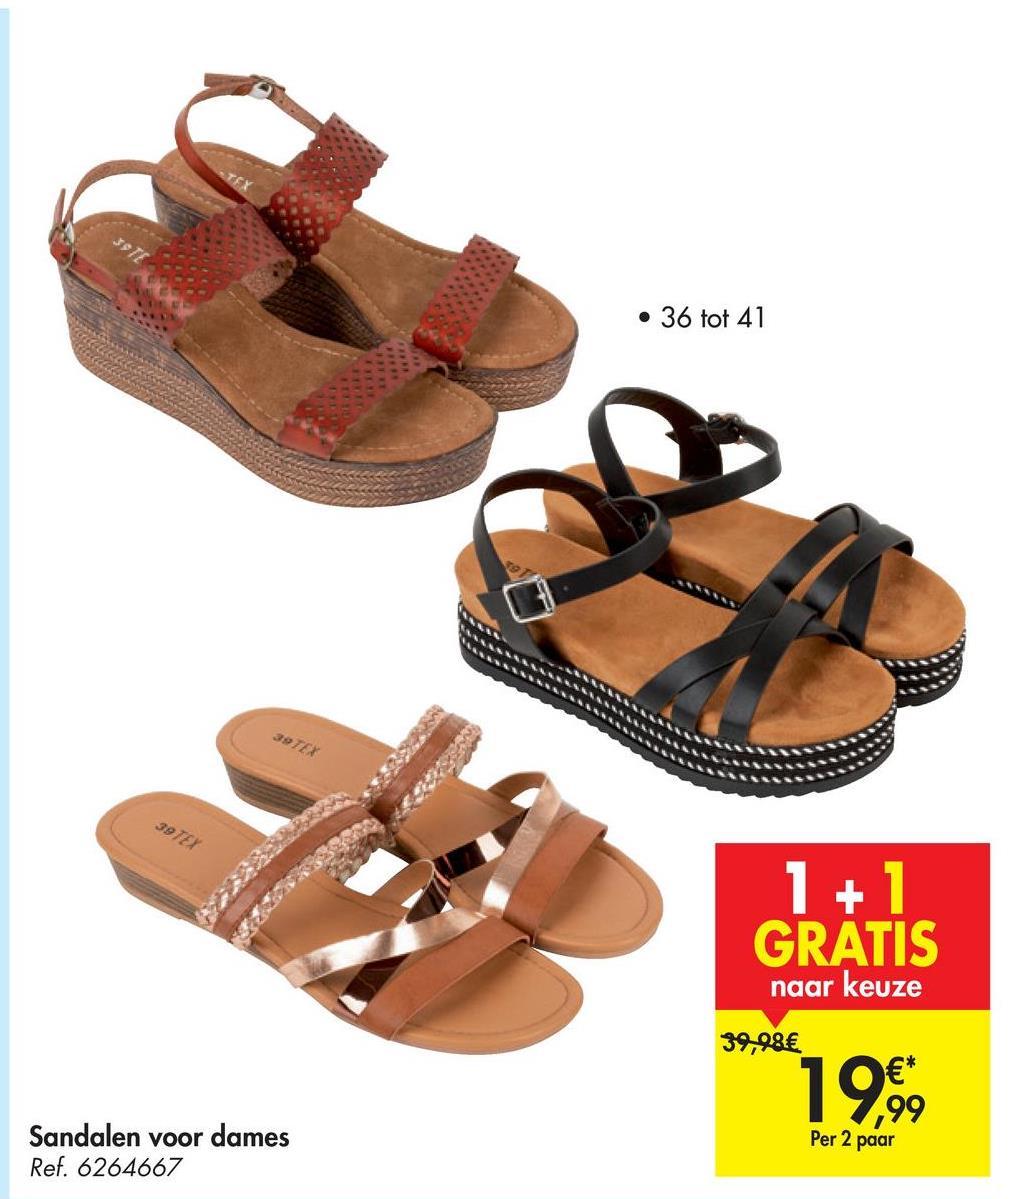 5912 • 36 tot 41 39 TEX 39 TEX 1+1 GRATIS naar keuze 39,98€ 19,99 €* ,99 Per 2 paar Sandalen voor dames Ref. 6264667